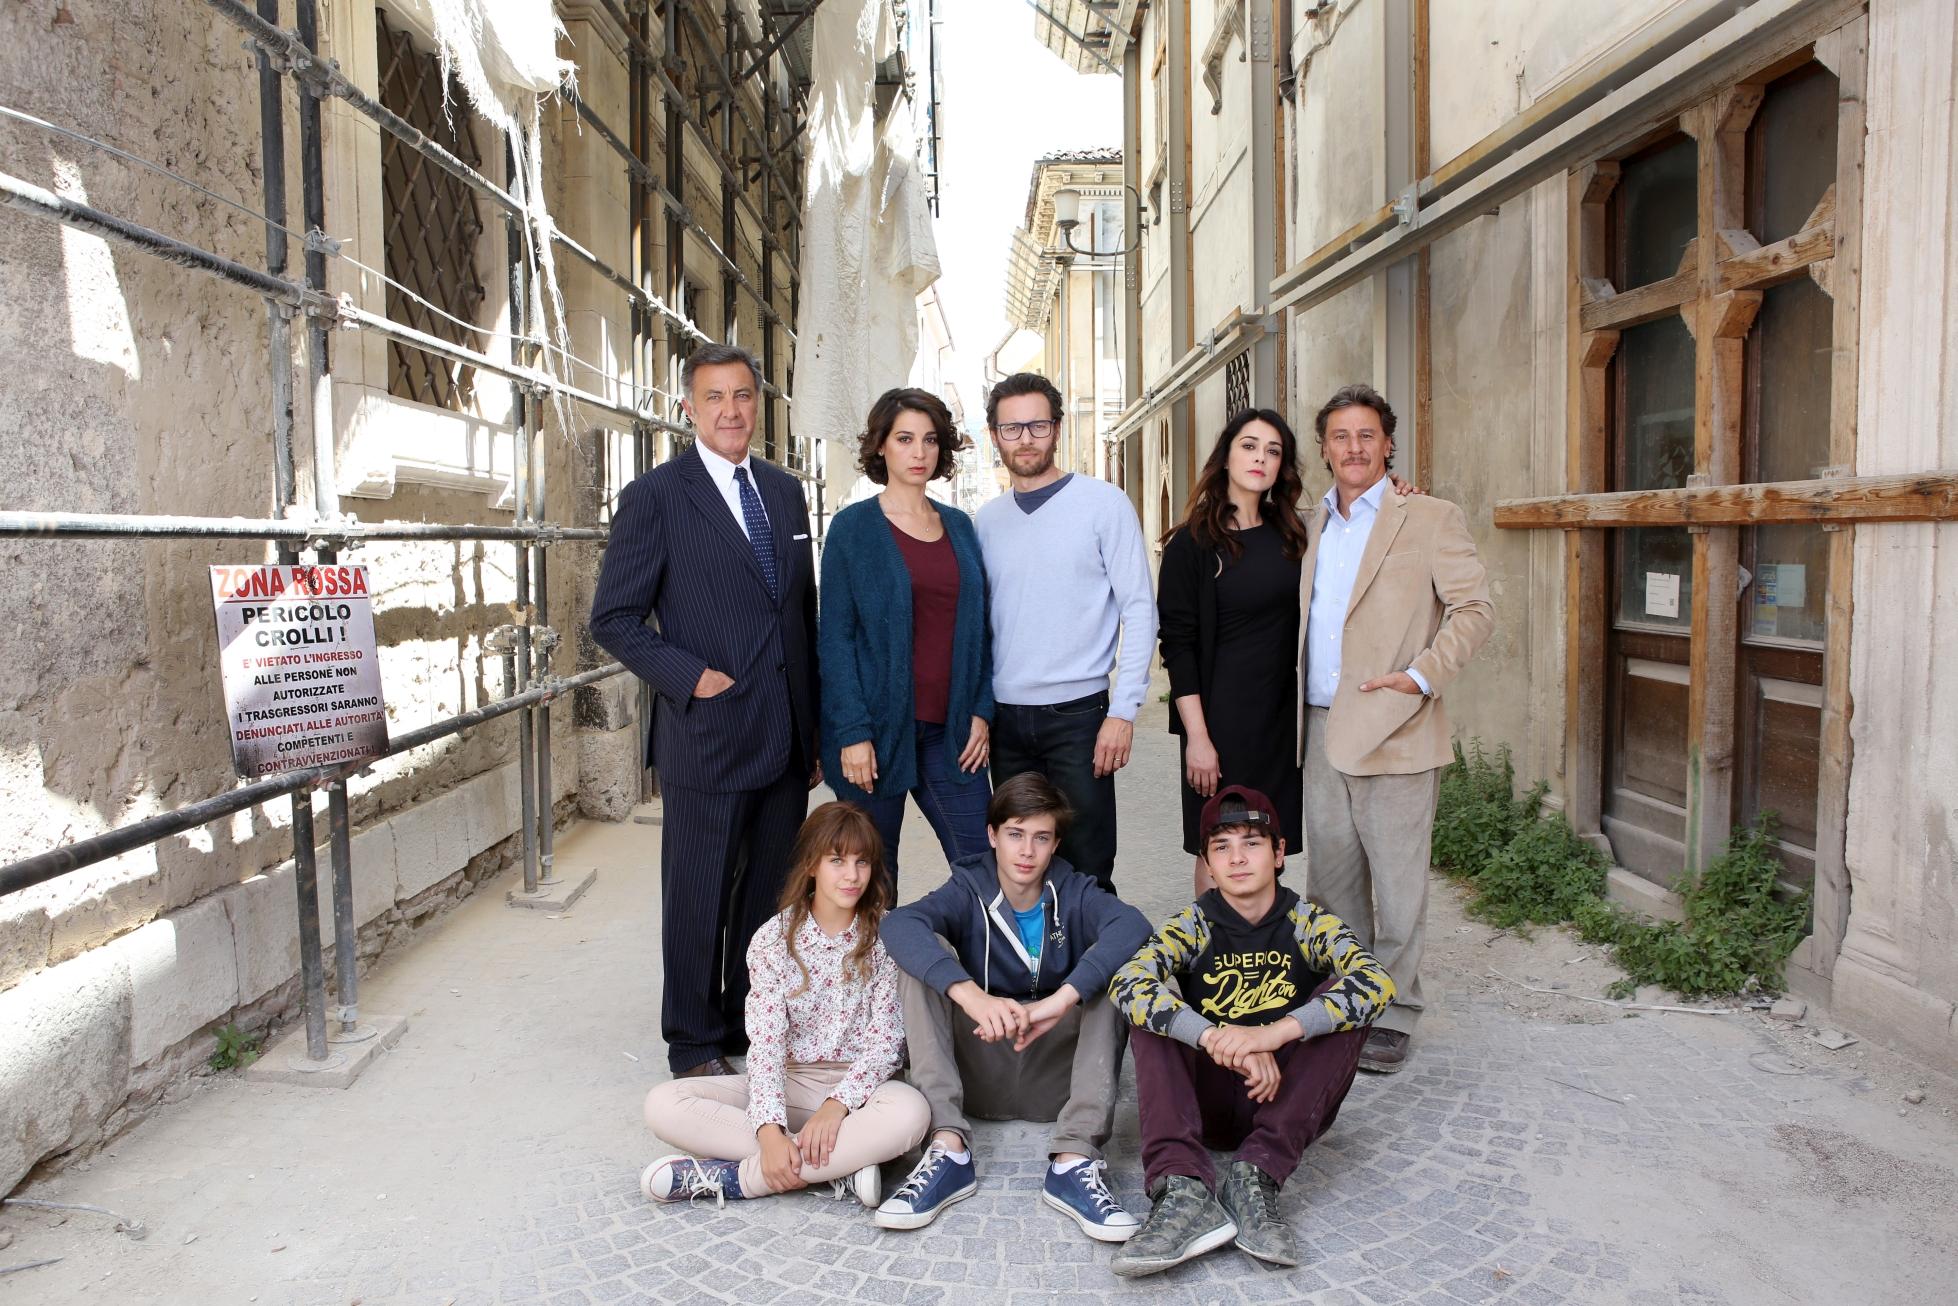 L'Aquila - Grandi Speranze: una foto promozionale per la fiction